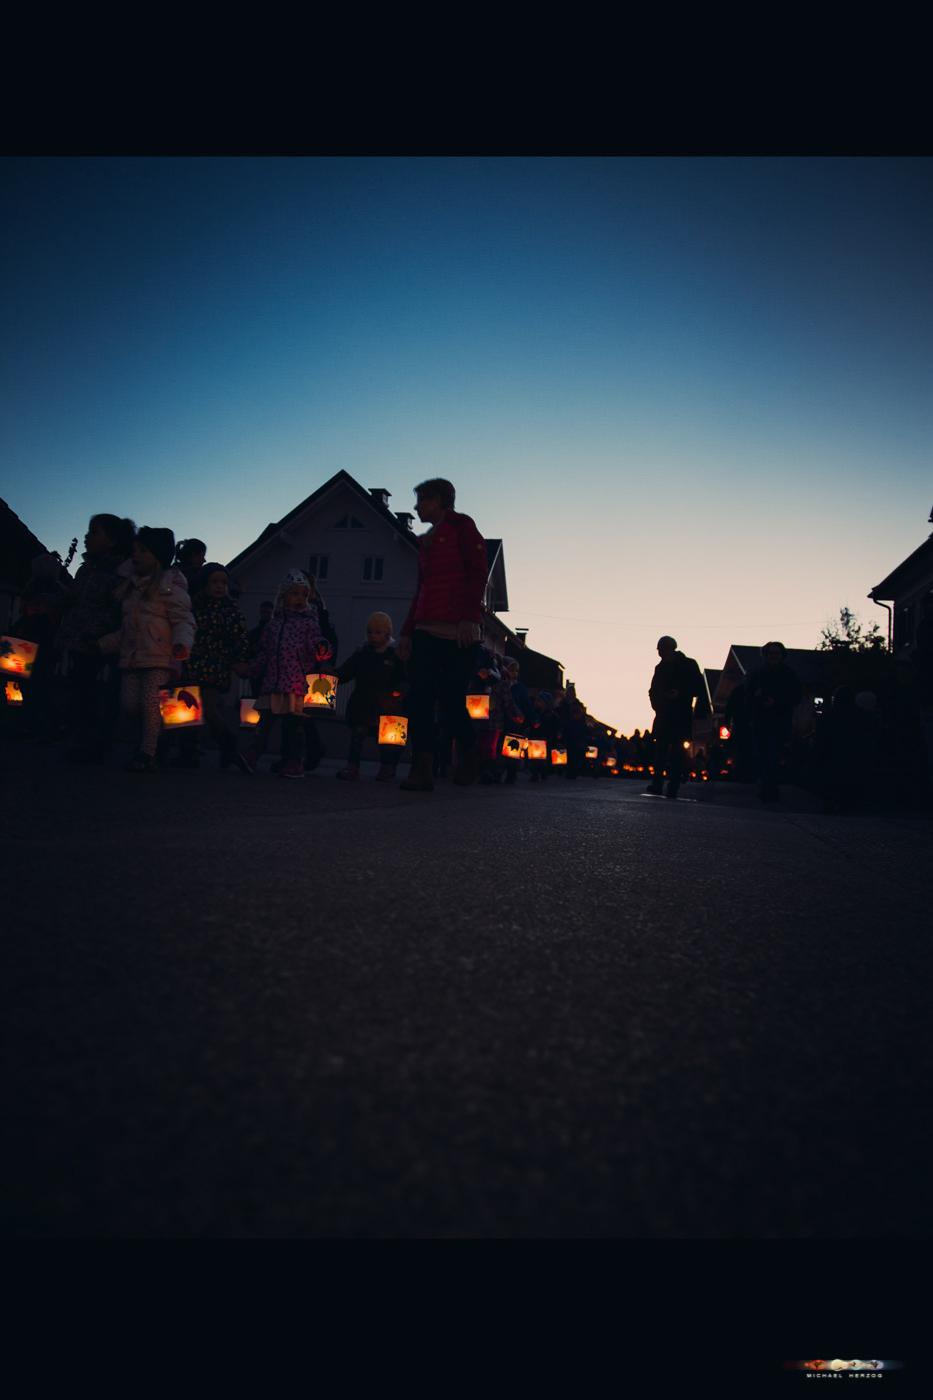 laternenfest-1443-3jpg.jpg